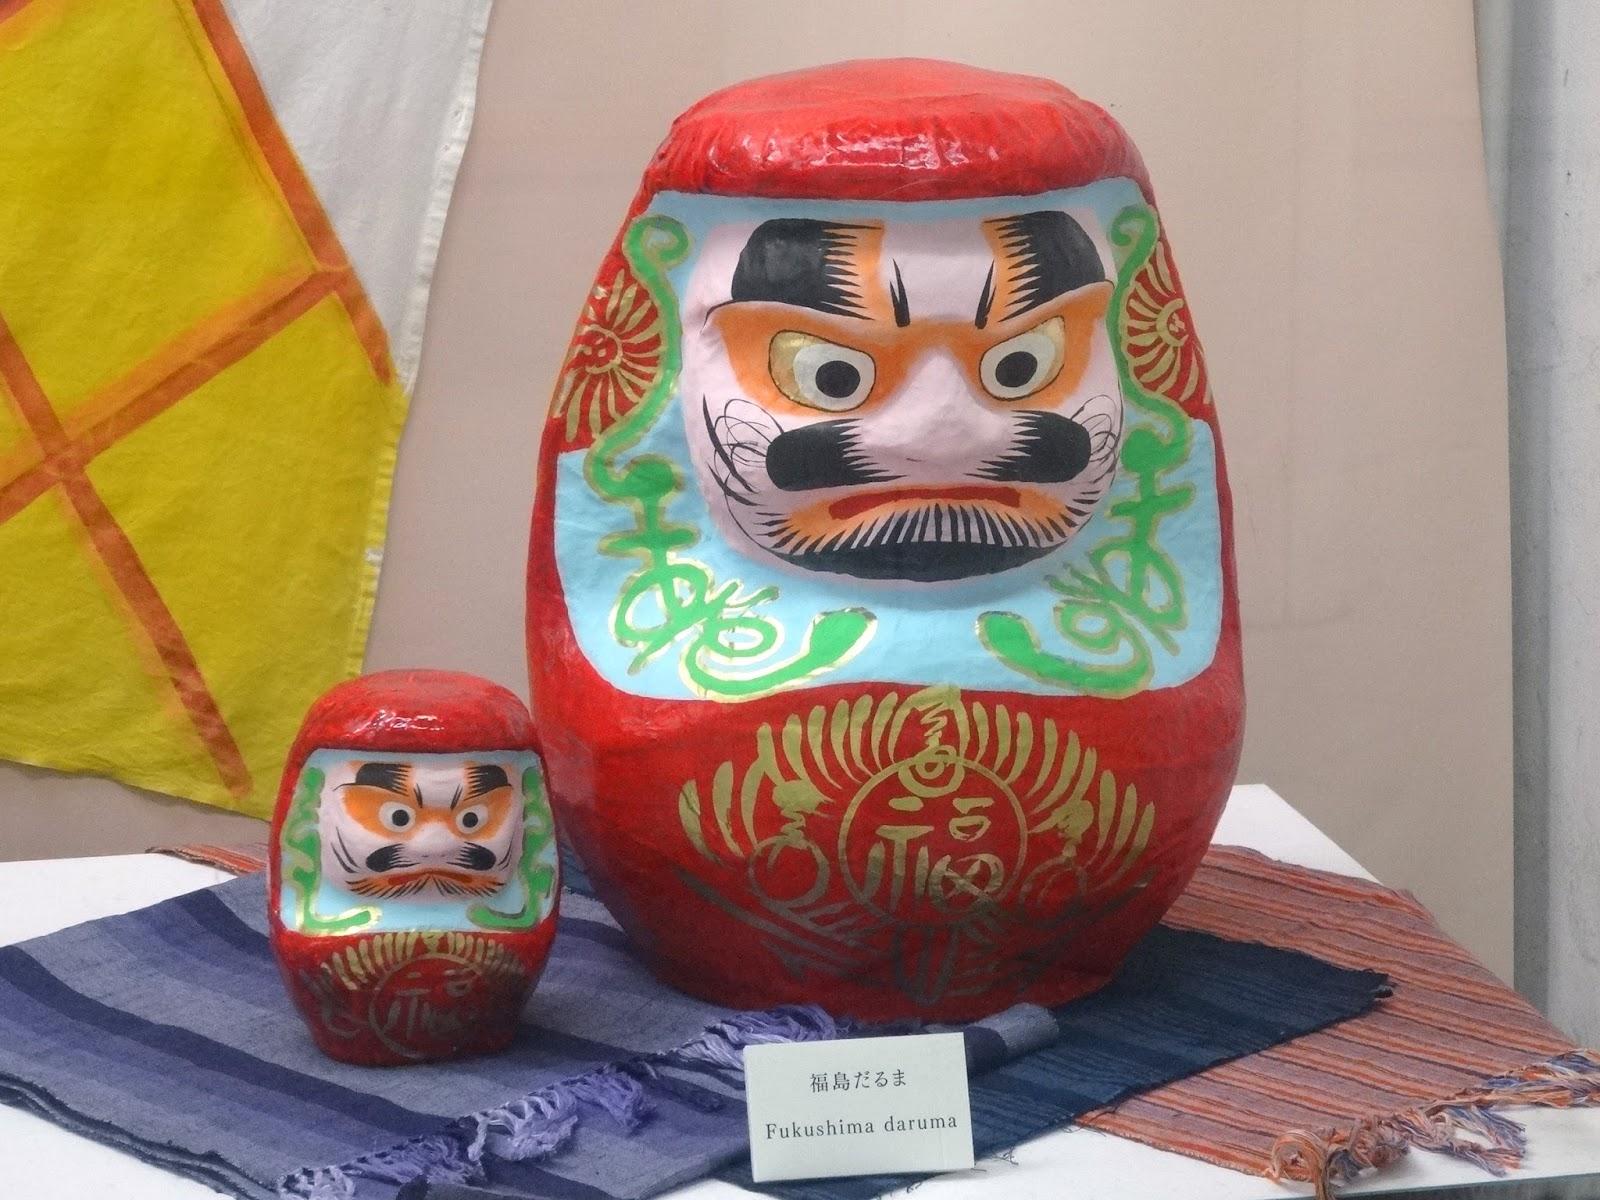 福島だるま,民芸品〈著作権フリー無料画像〉Free Stock Photos